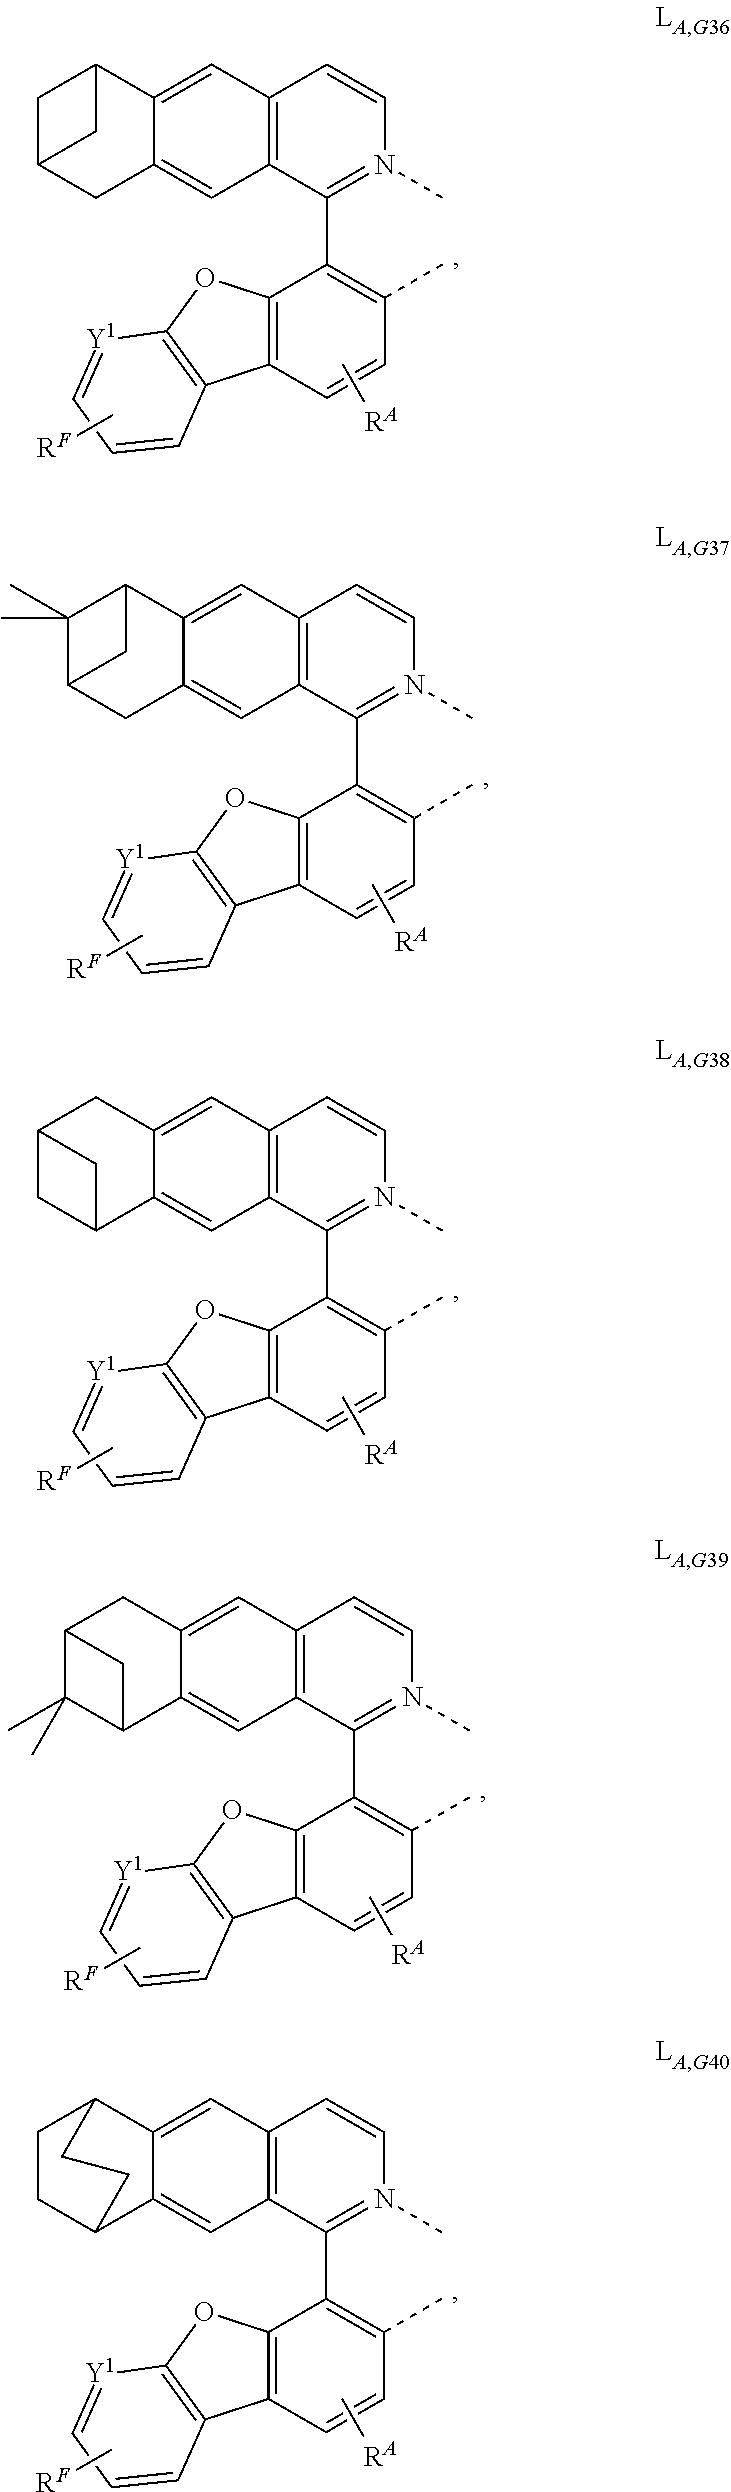 Figure US09691993-20170627-C00278